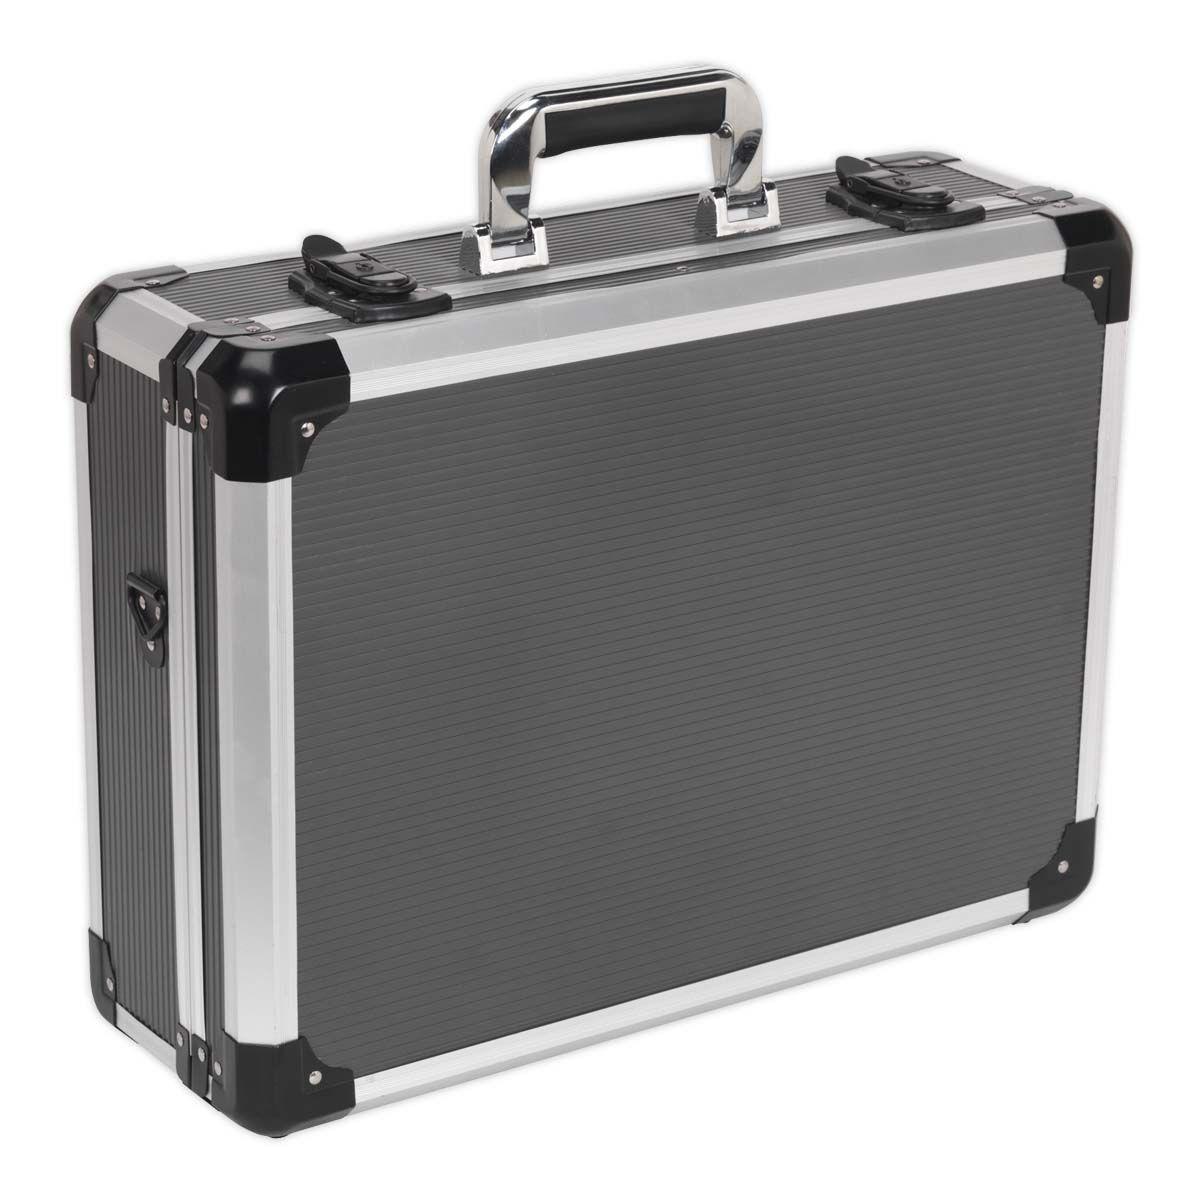 Sealey Aluminium Tool Case Heavy-Duty